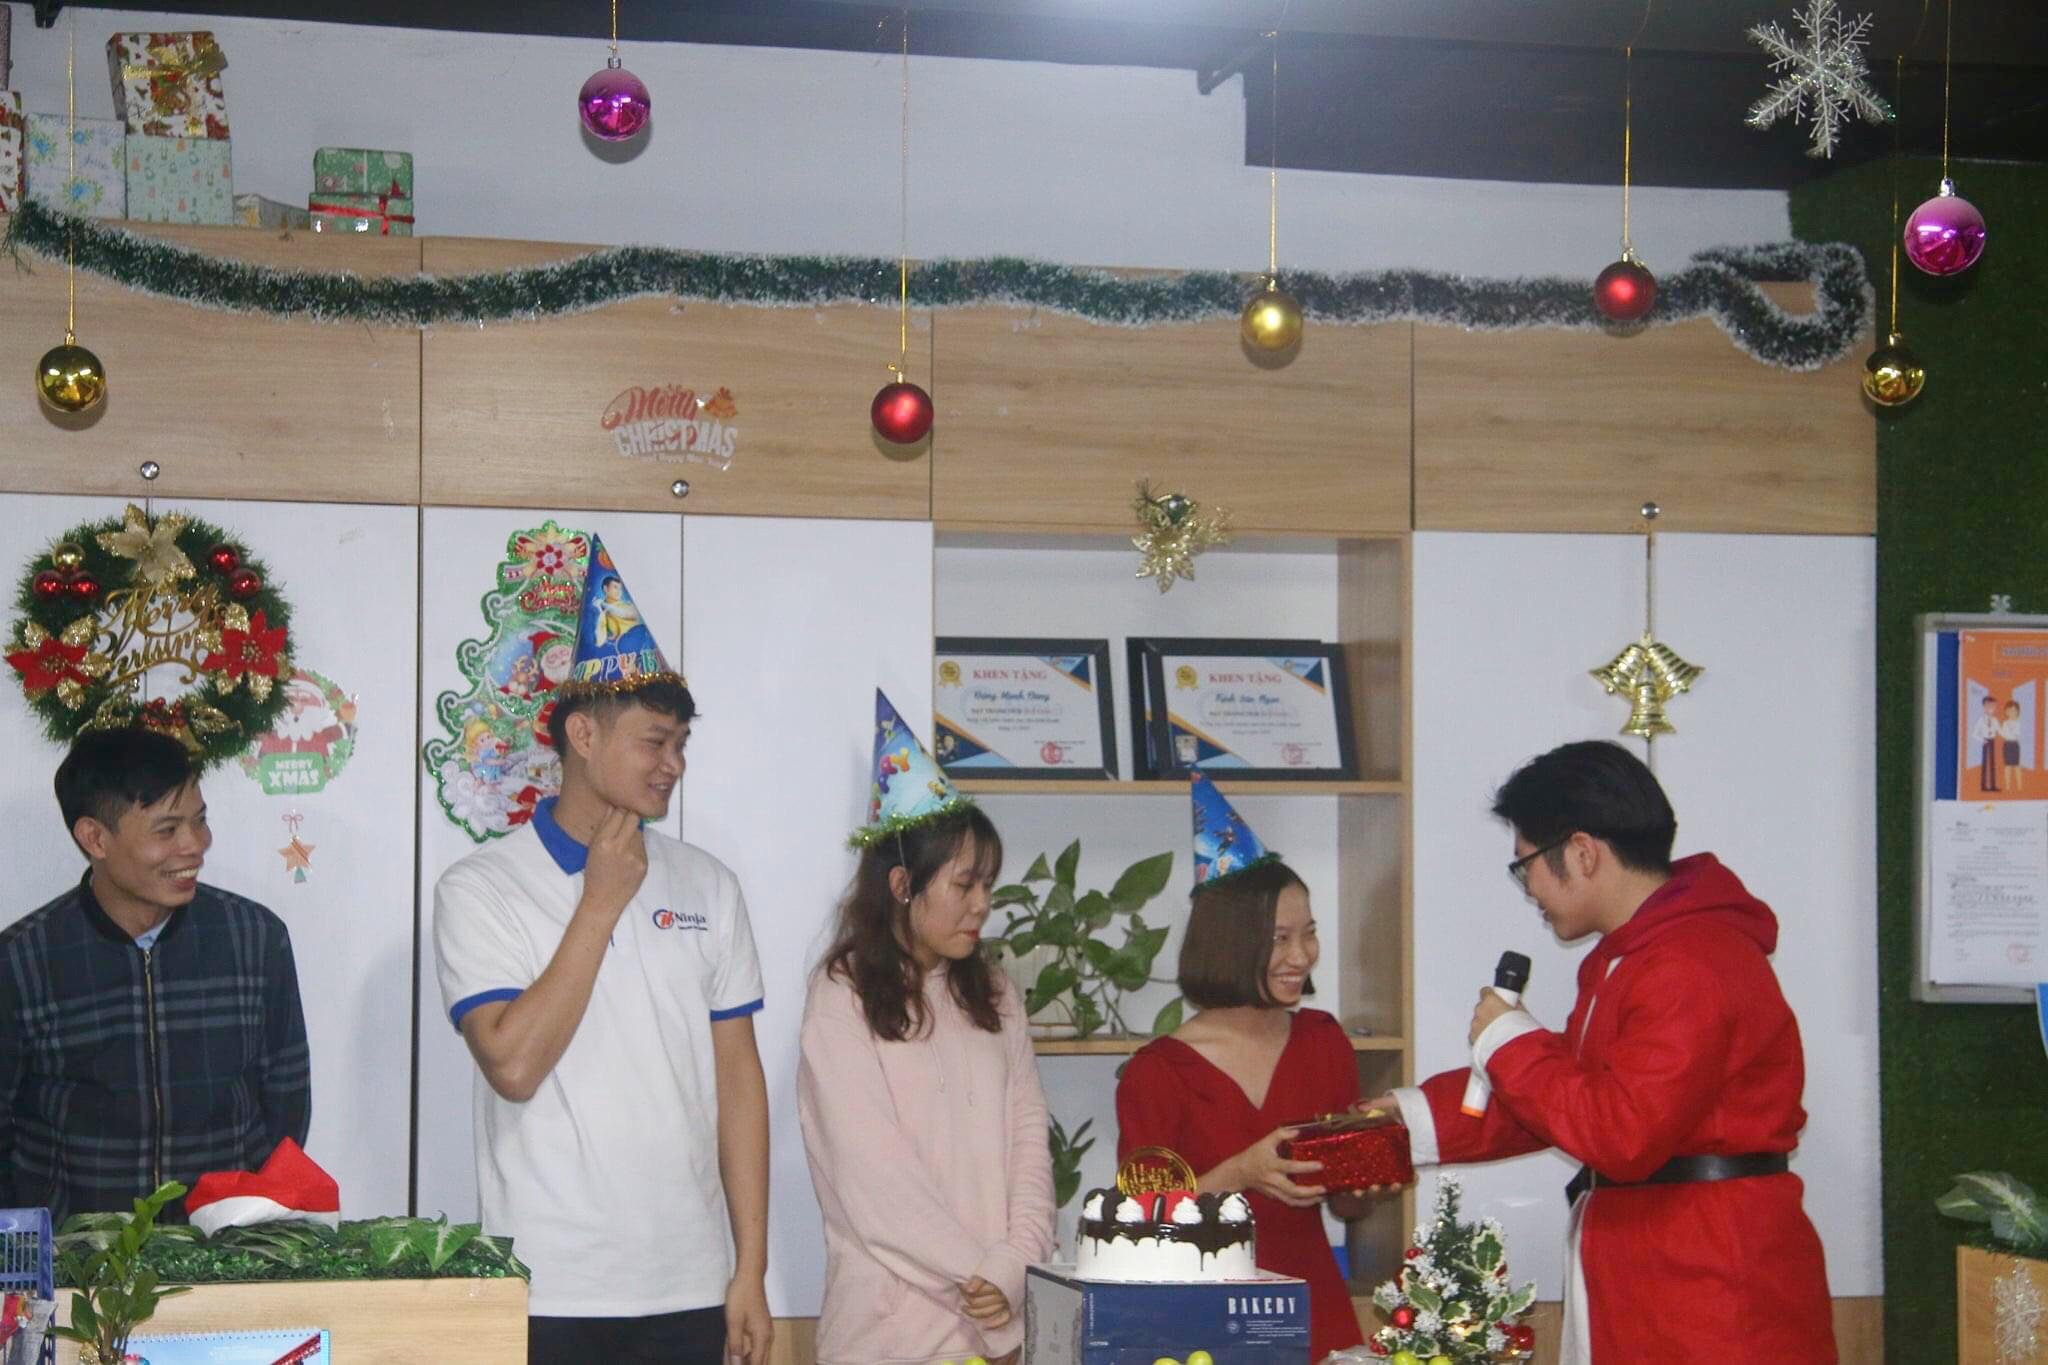 giang sinh ninja Tháng 12 ấm áp và nhiều niềm vui với đại tiệc cuối năm